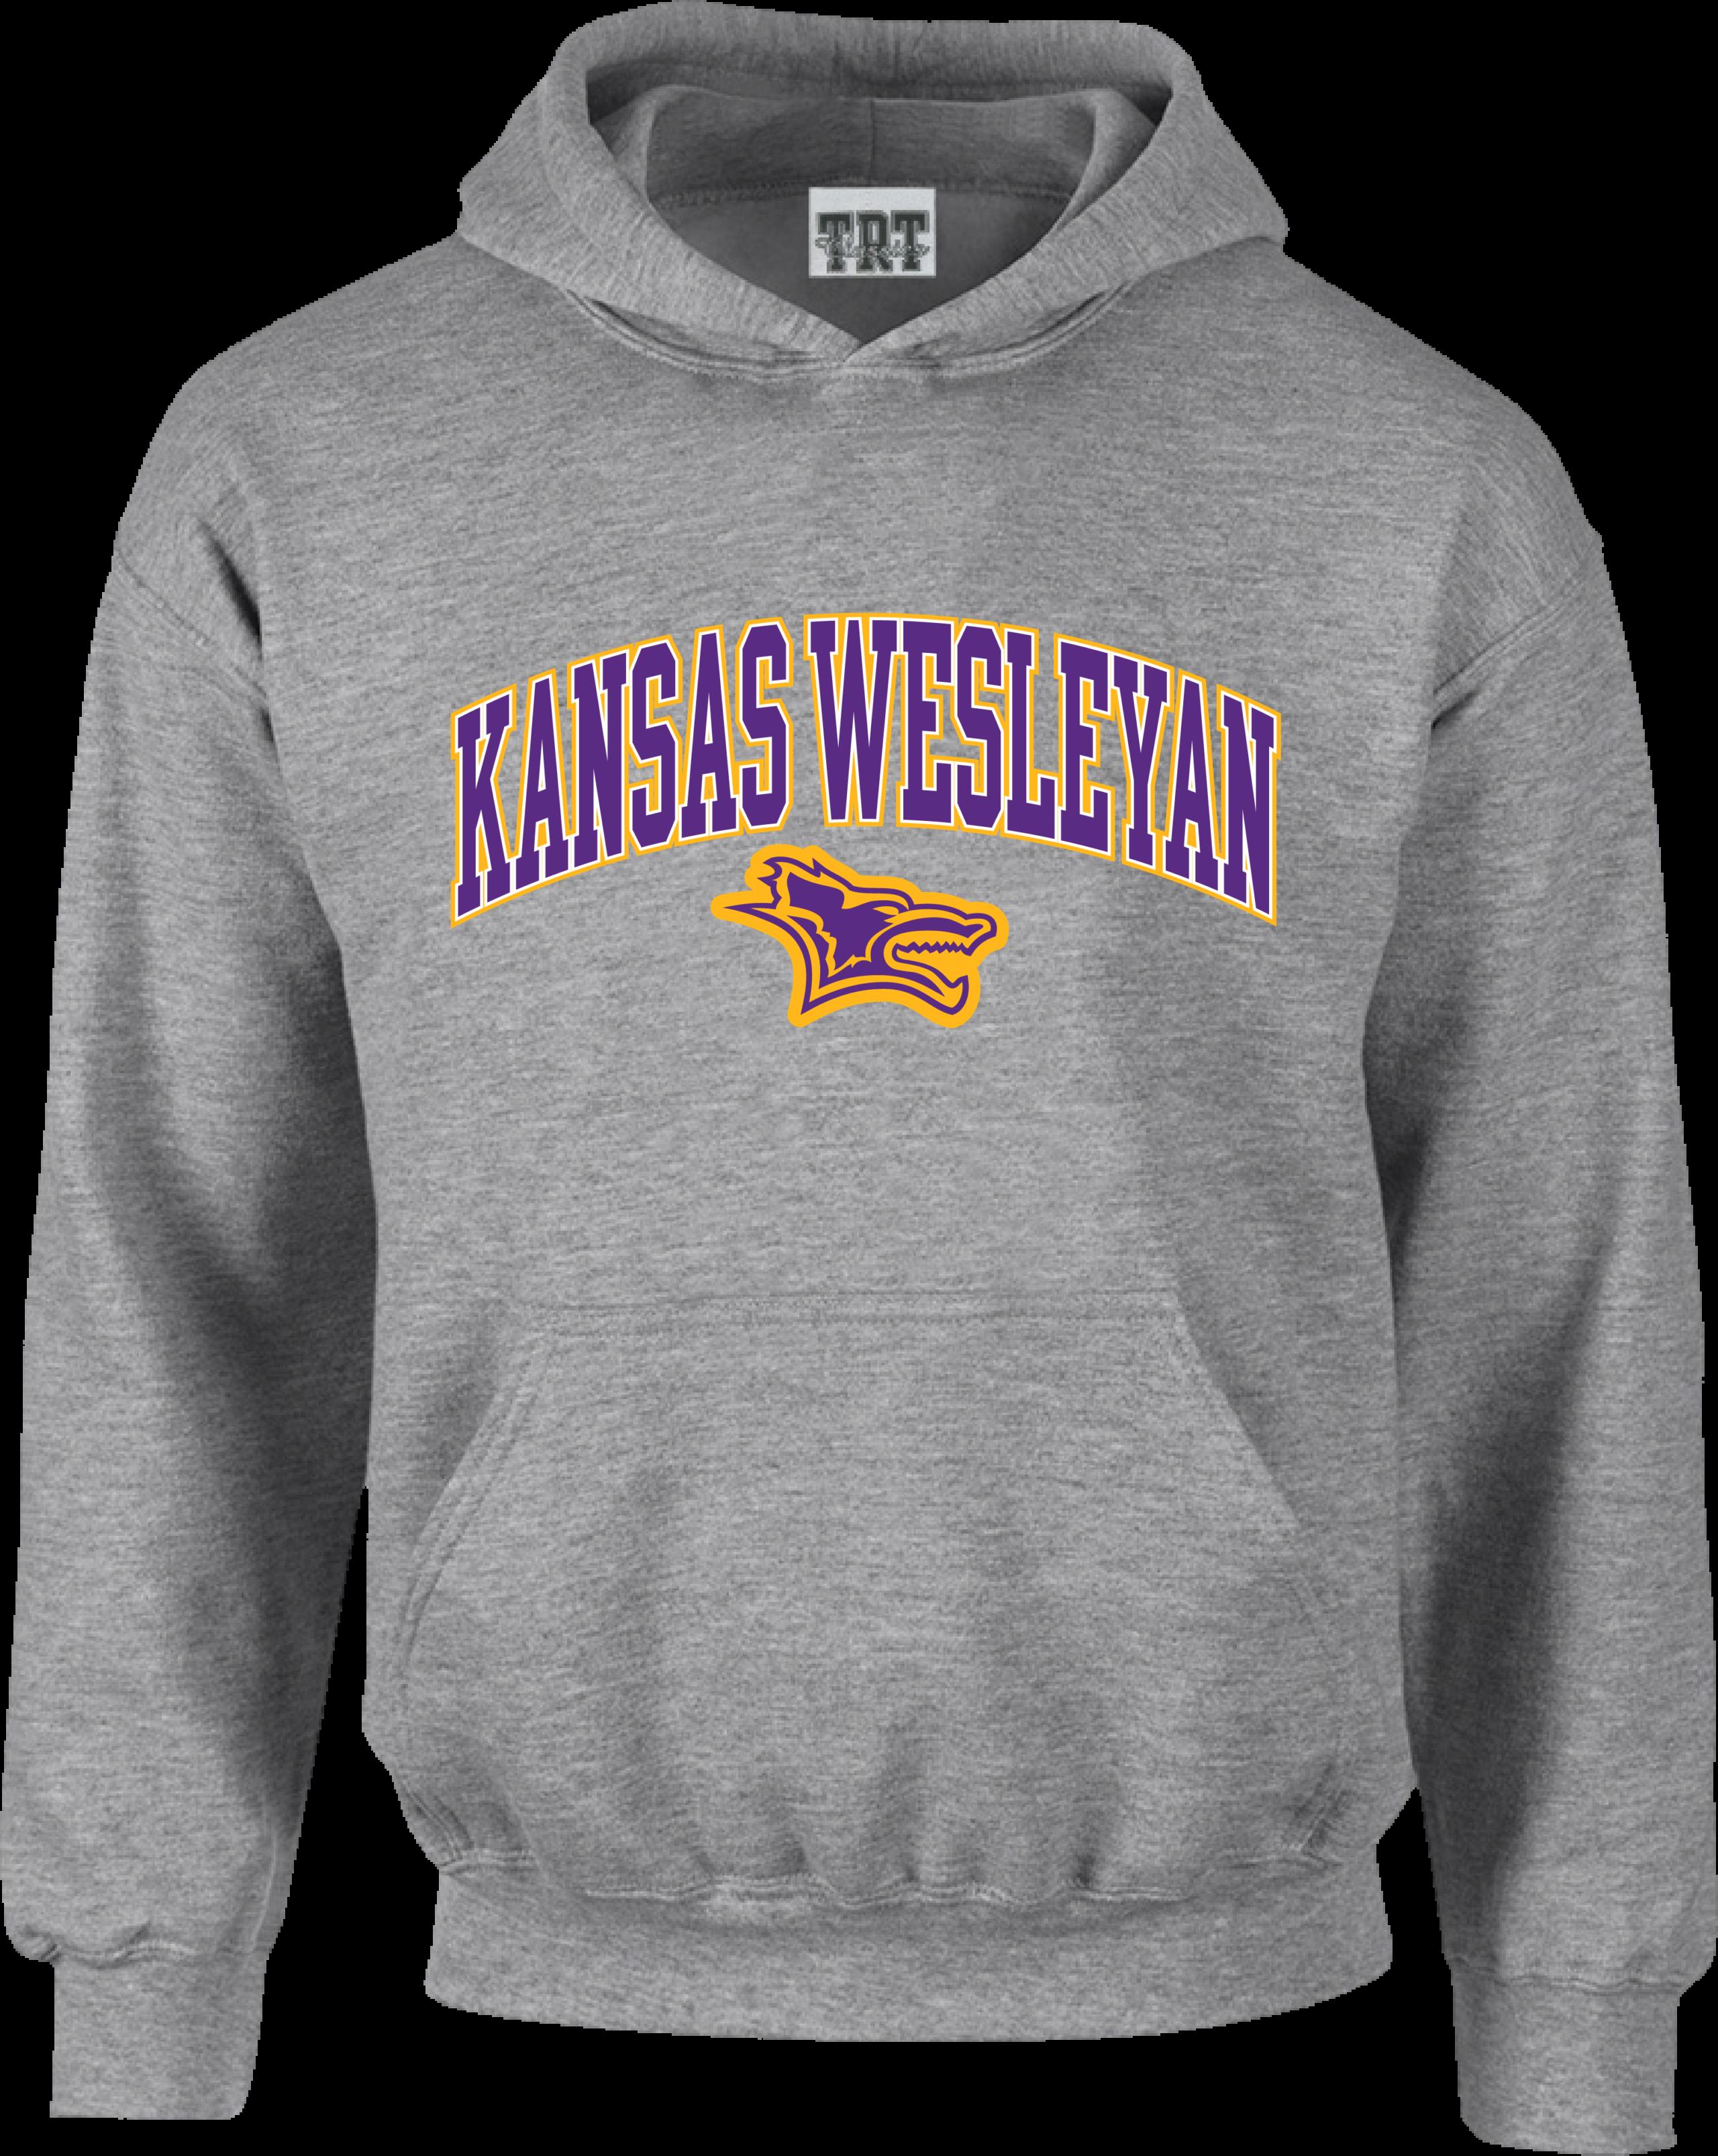 Kansas Wesleyan Light Grey Hood